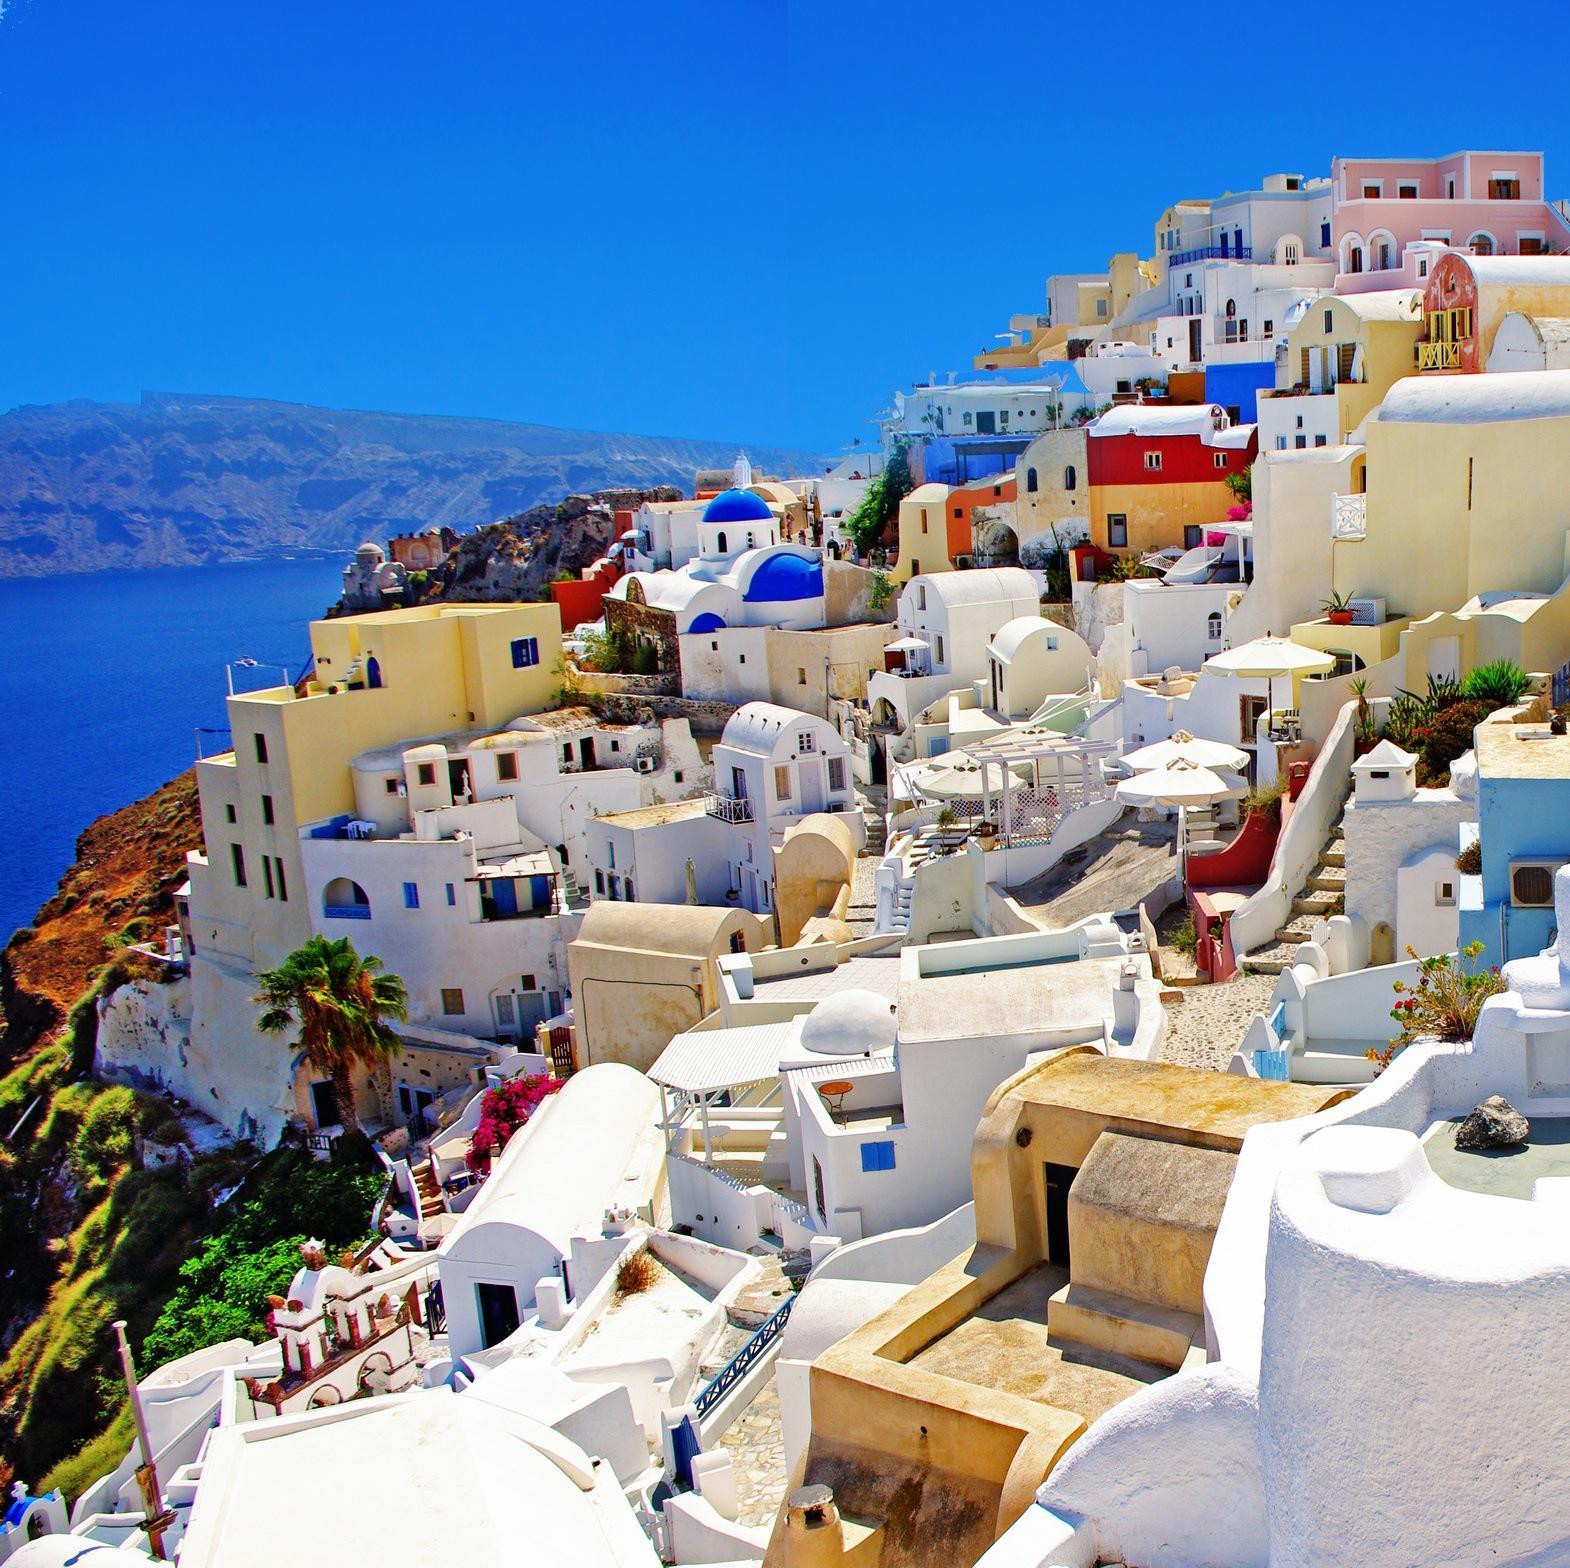 Best of Greece Vacation: Athens, Mykonos & Santorini | Zicasso